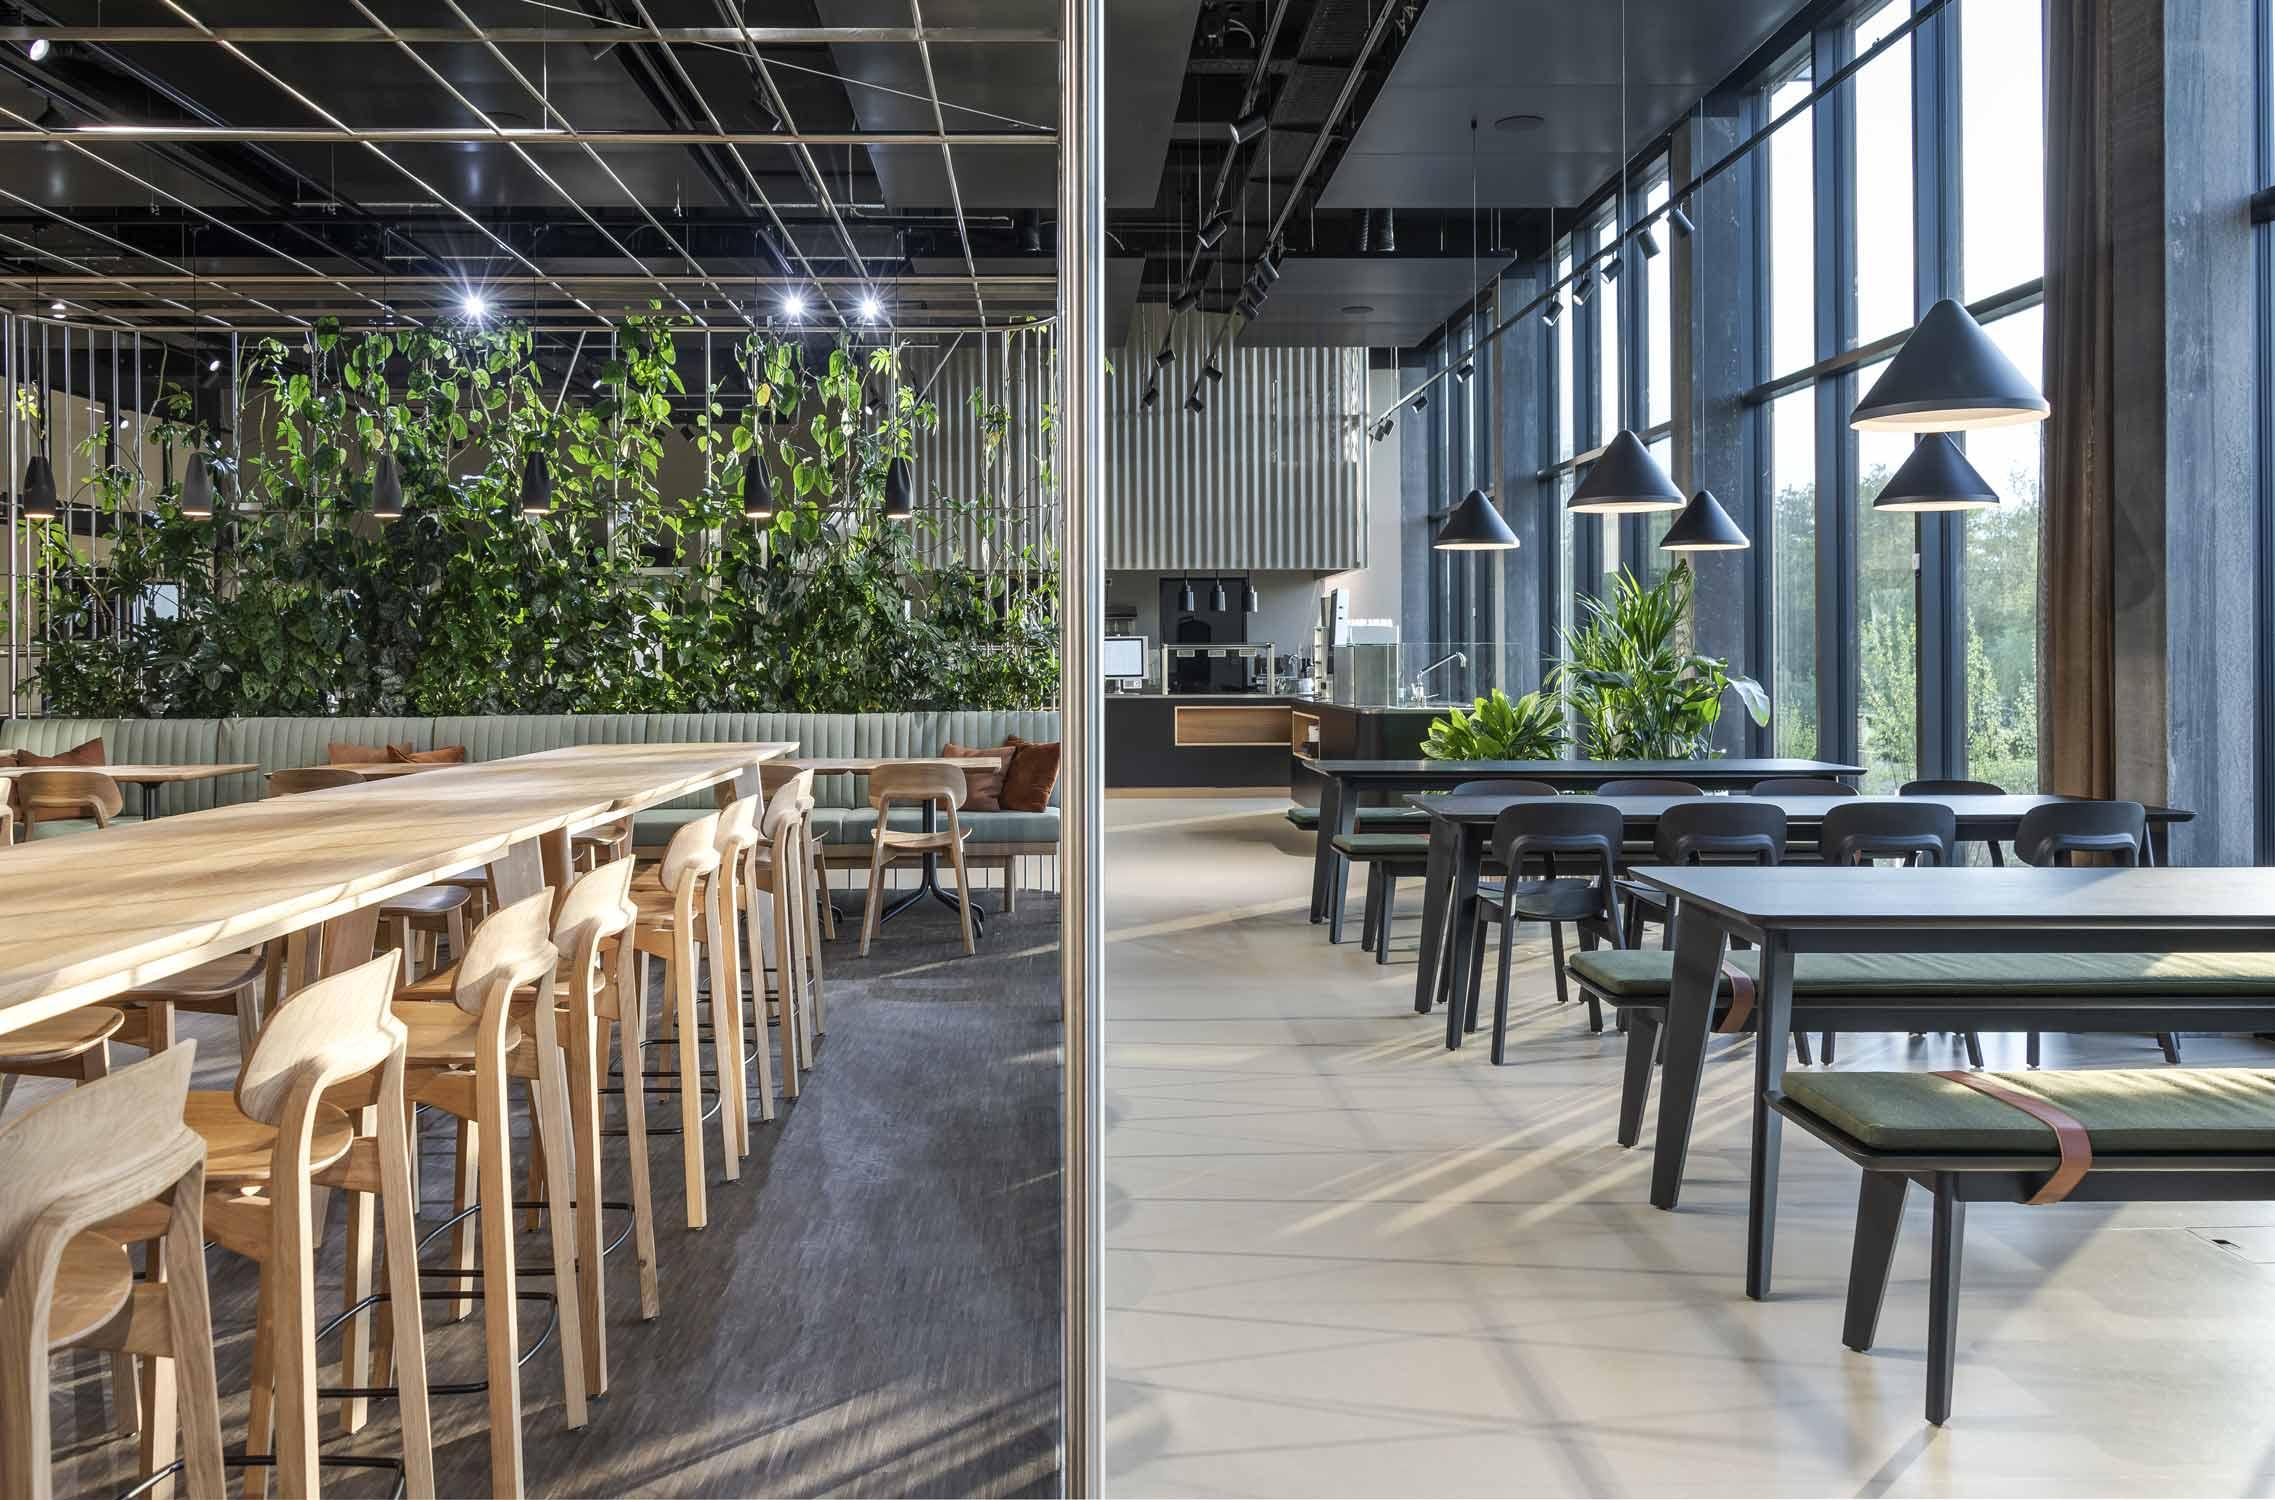 OYM Innenaufnahme Restaurant Architekturfotografie Regine Giesecke